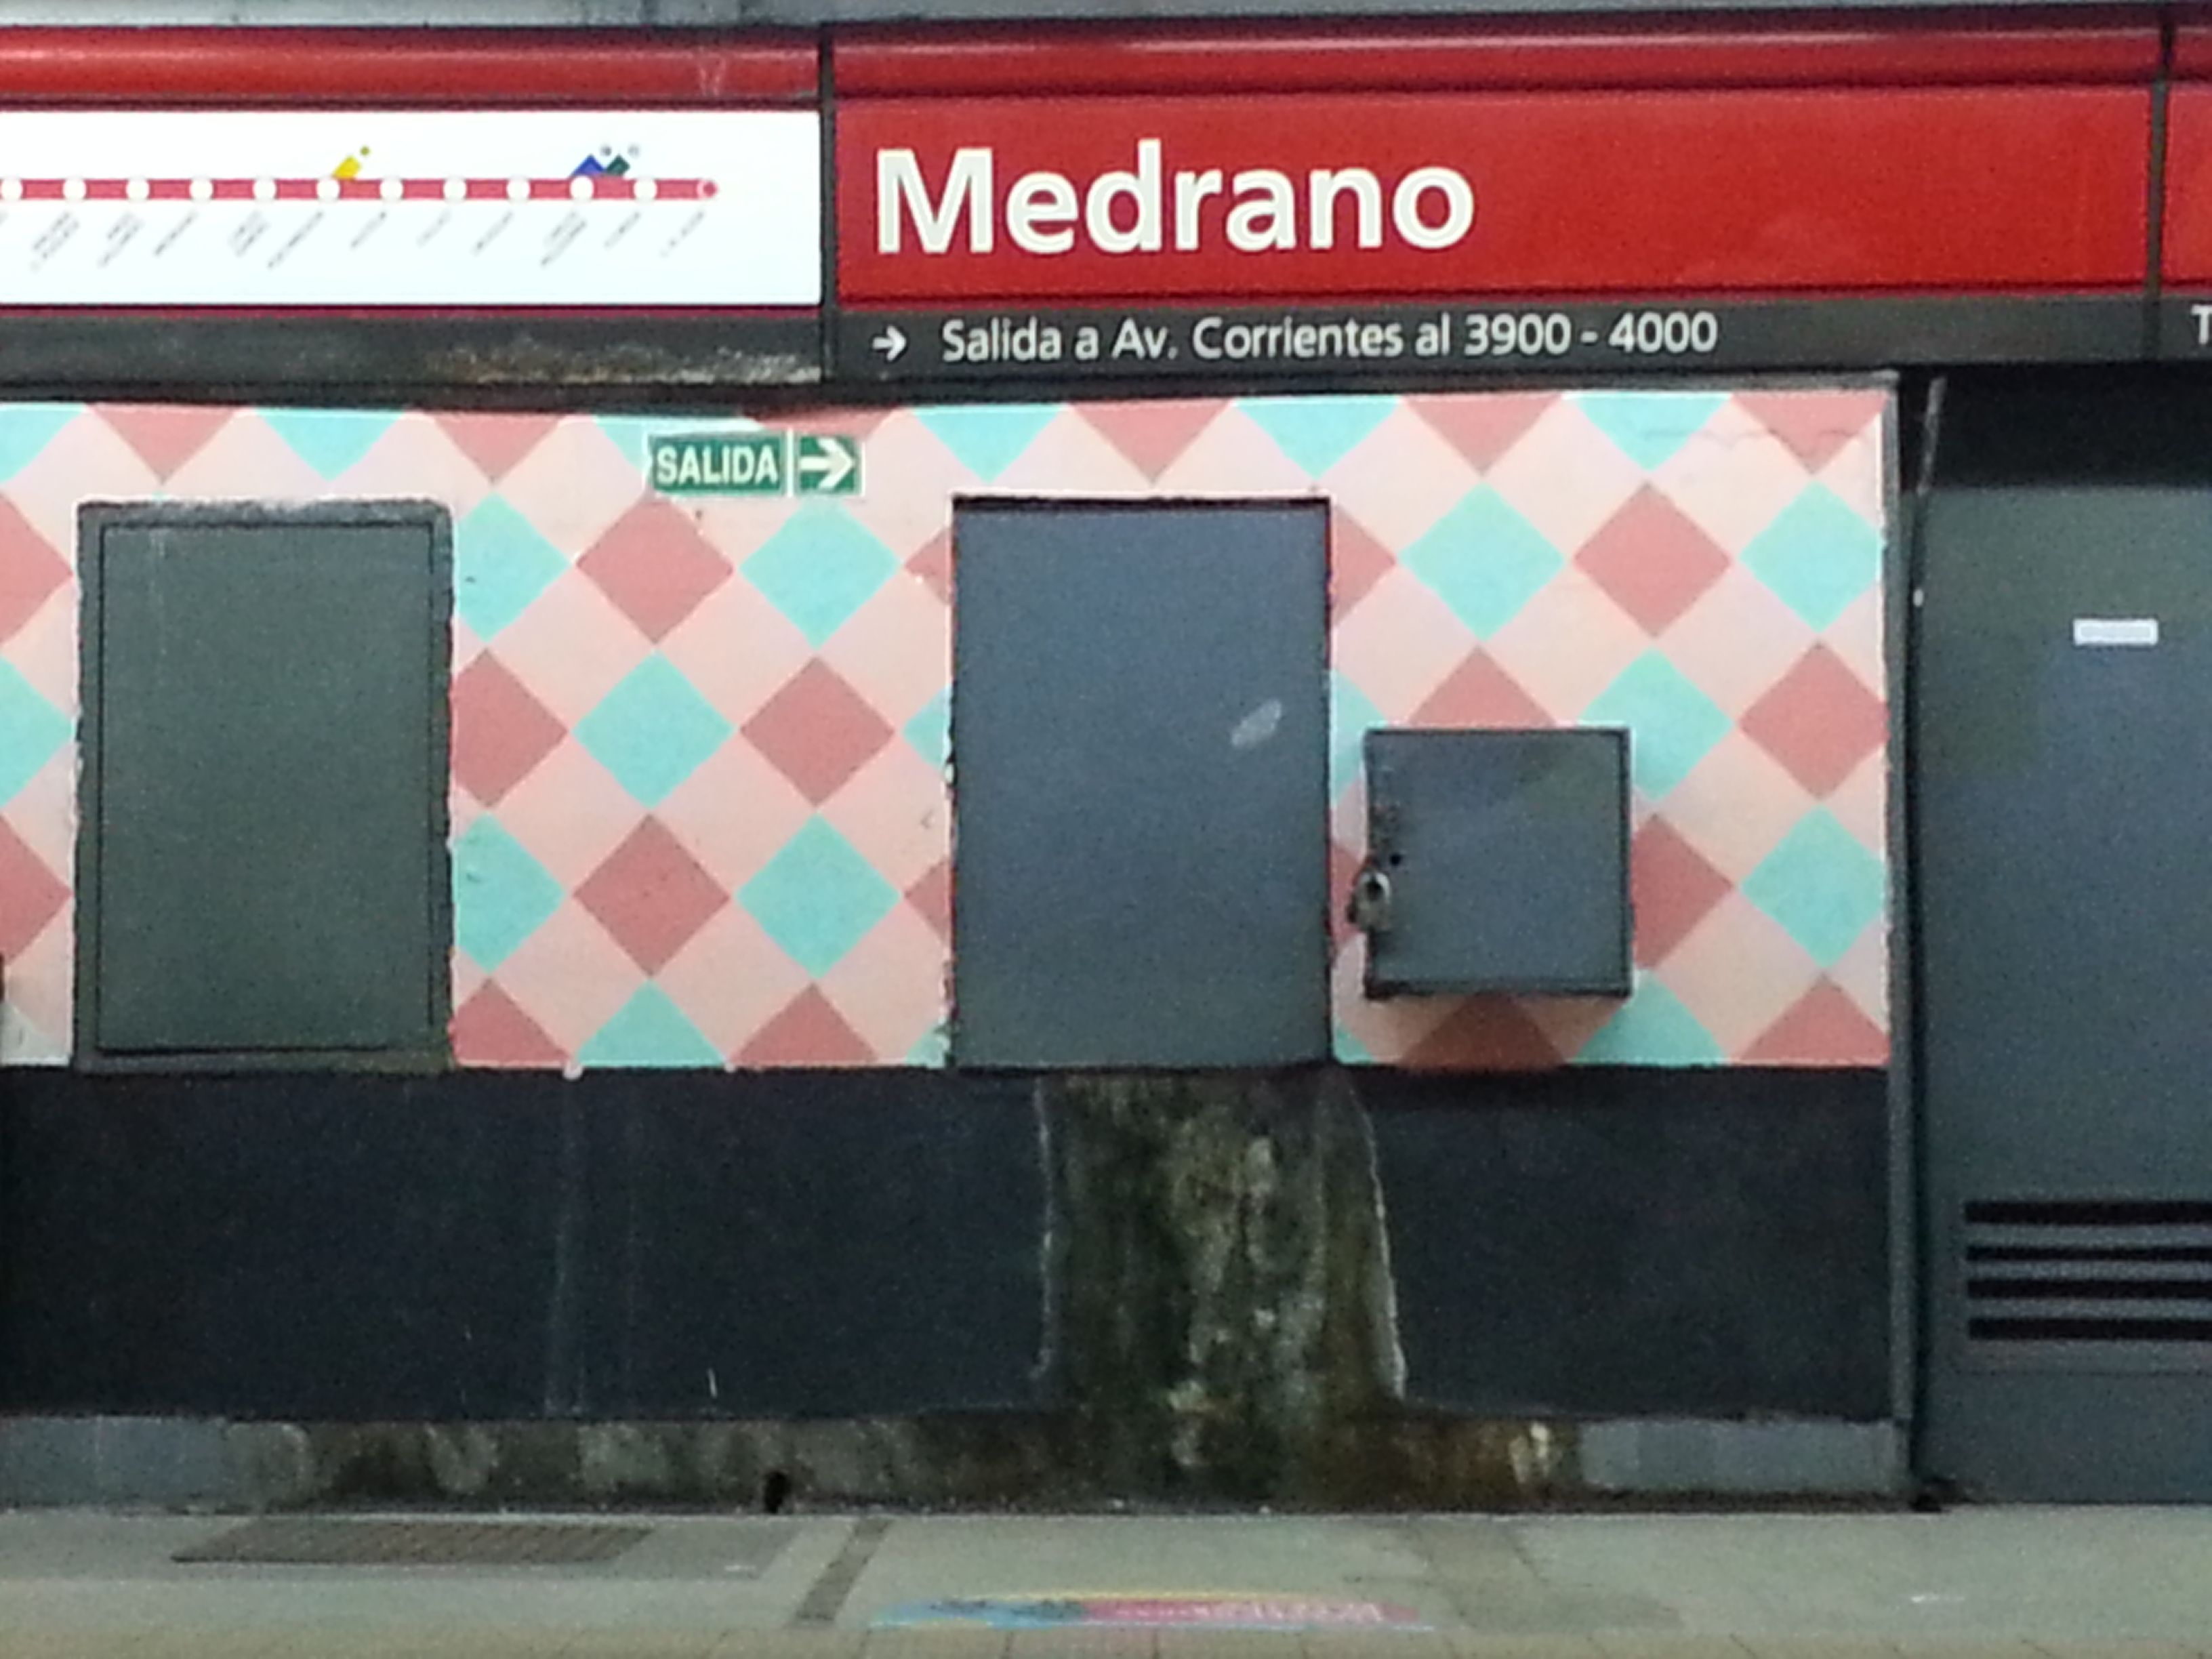 La estación Medrano de la línea B del Subte se llama ahora Medrano-Almagro